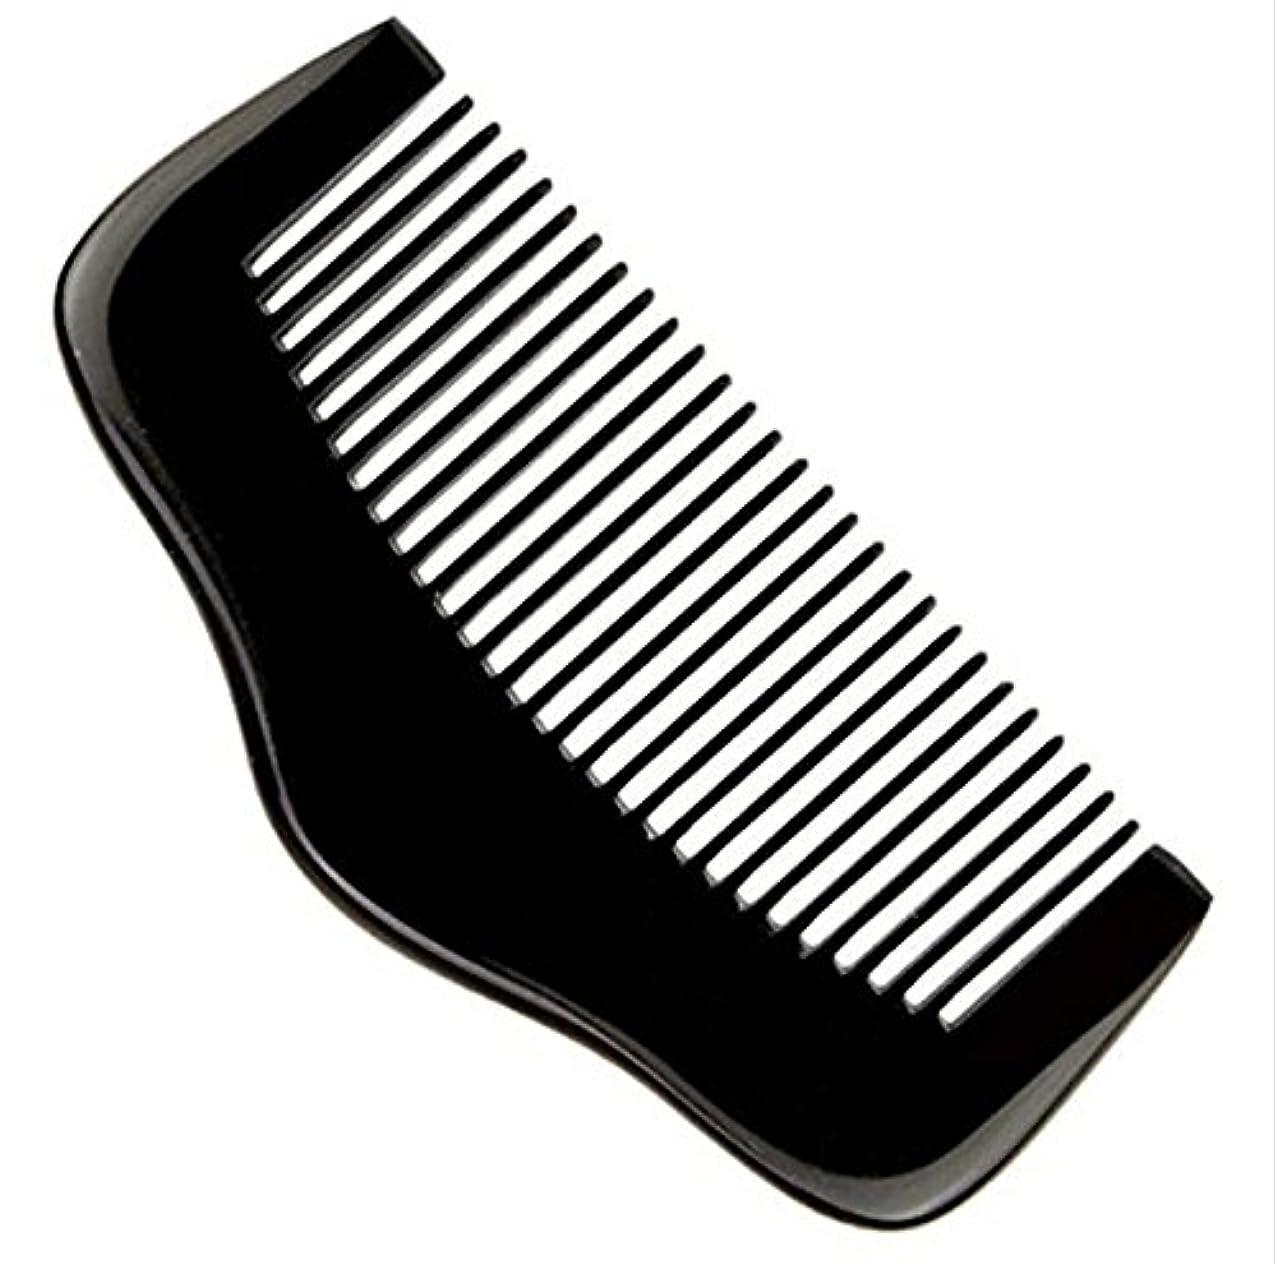 スクラップ電信中櫛型 プロも使う牛角かっさプレート マサージ用 血行改善 高級 天然 静電気 防止 美髪美顔 ボディ リンパマッサージ